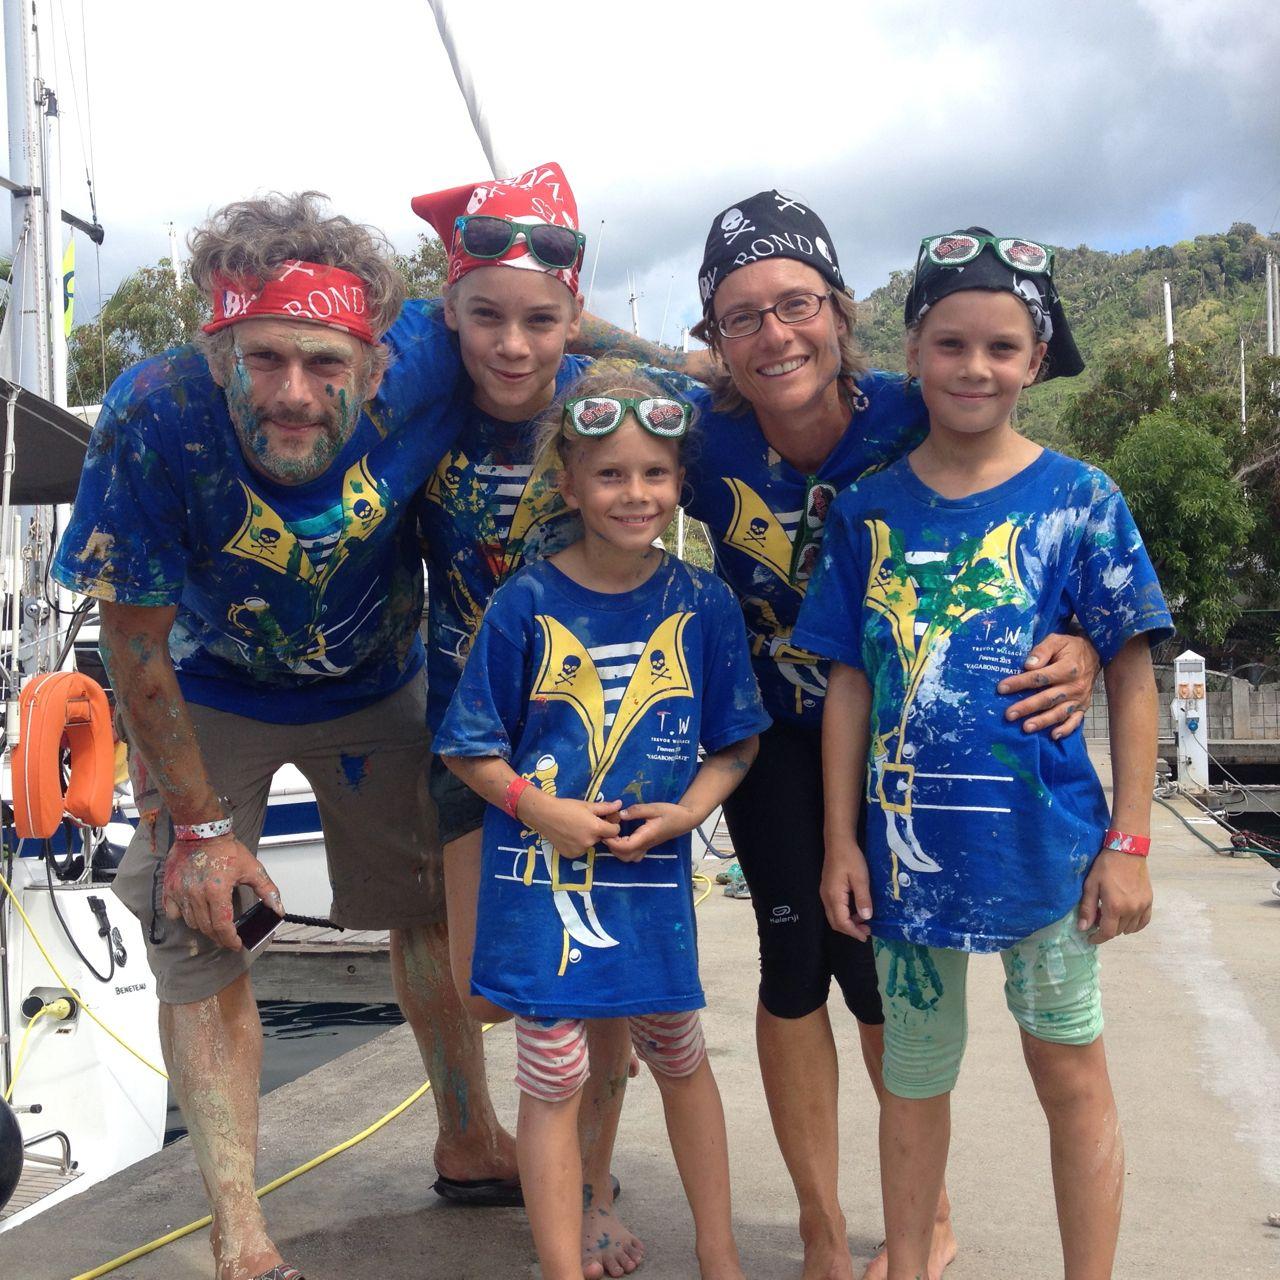 Die Crew der hapa na sasa zurück am Schiff nach dem Karneval in Trinidad